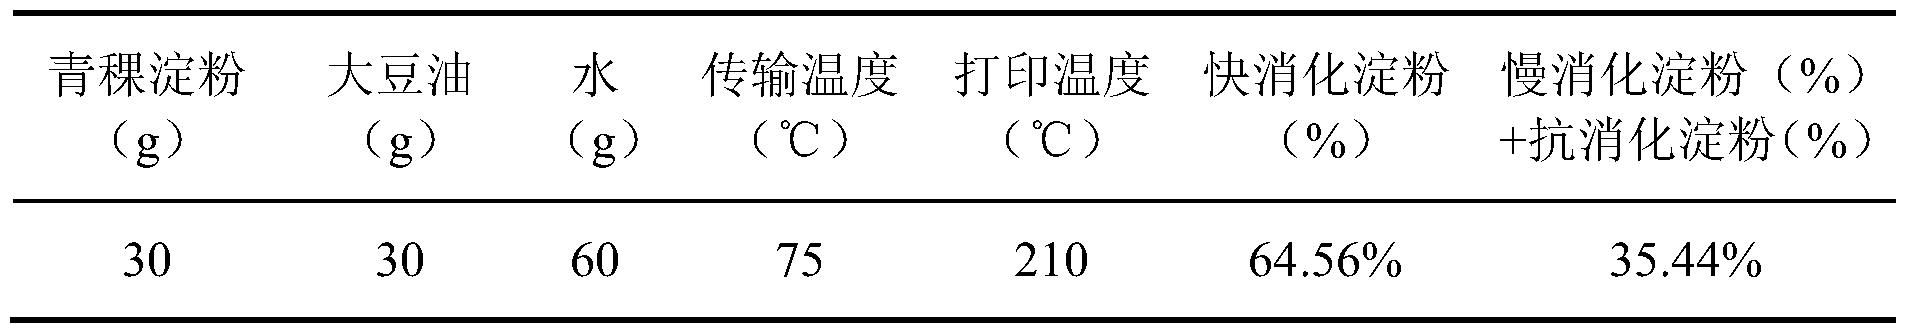 Figure PCTCN2017112099-appb-000005